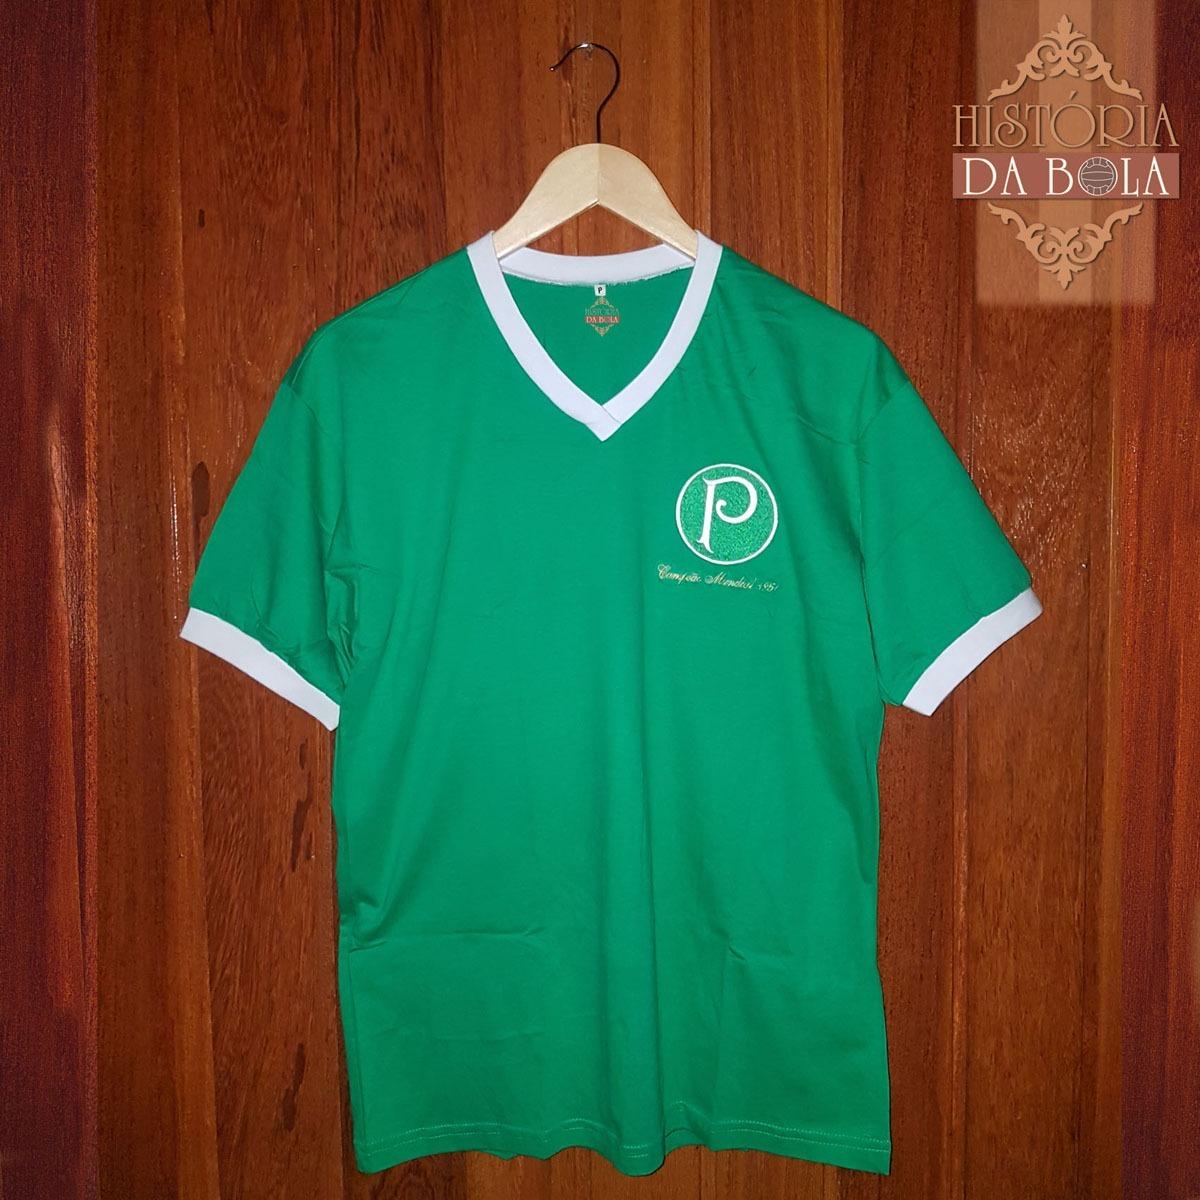 camisa palmeiras palestra retrô - 1951. Carregando zoom. c1fef2b3be2bf